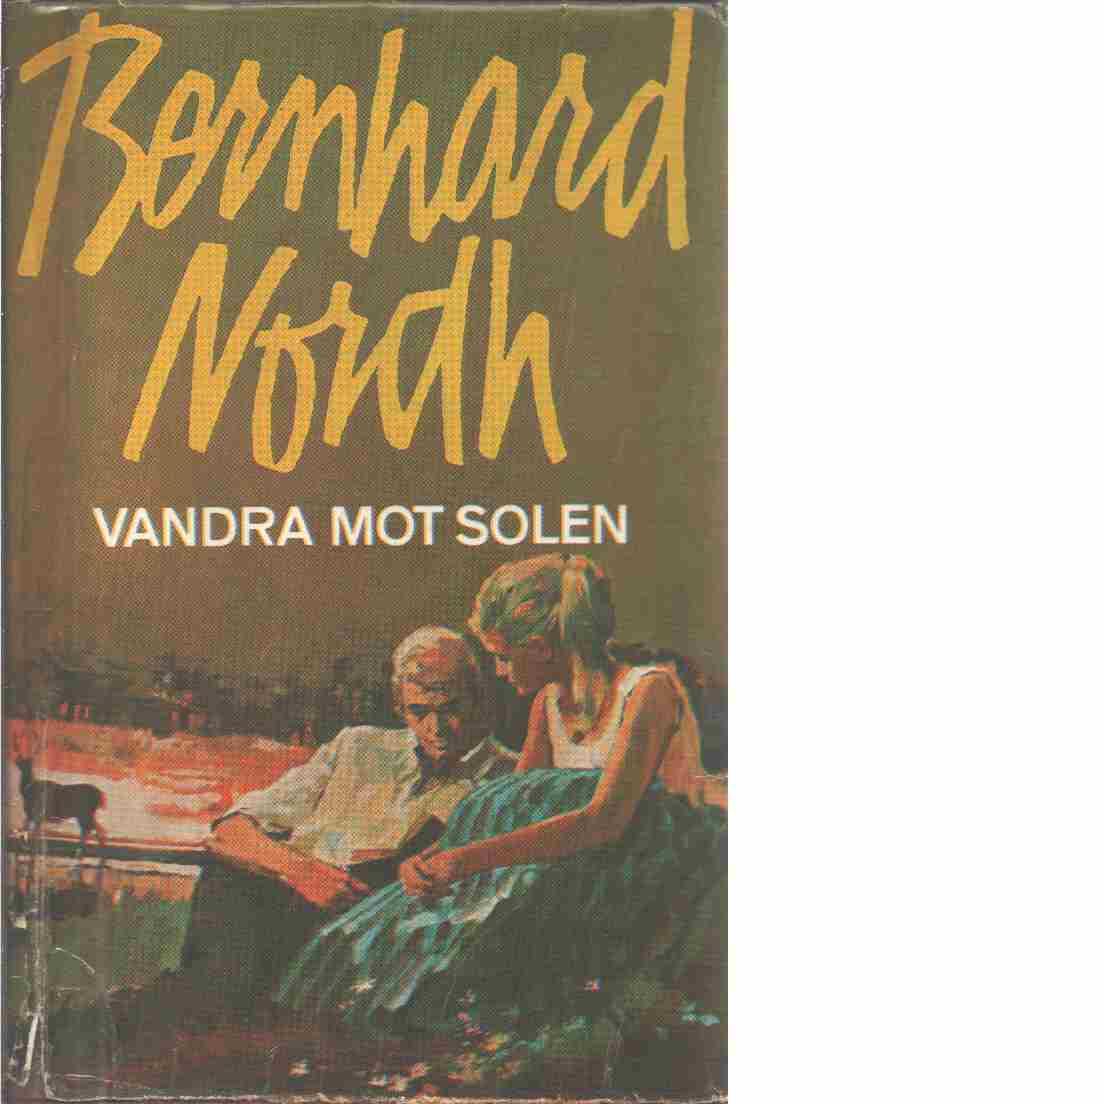 Vandra mot solen - Nordh, Bernhard